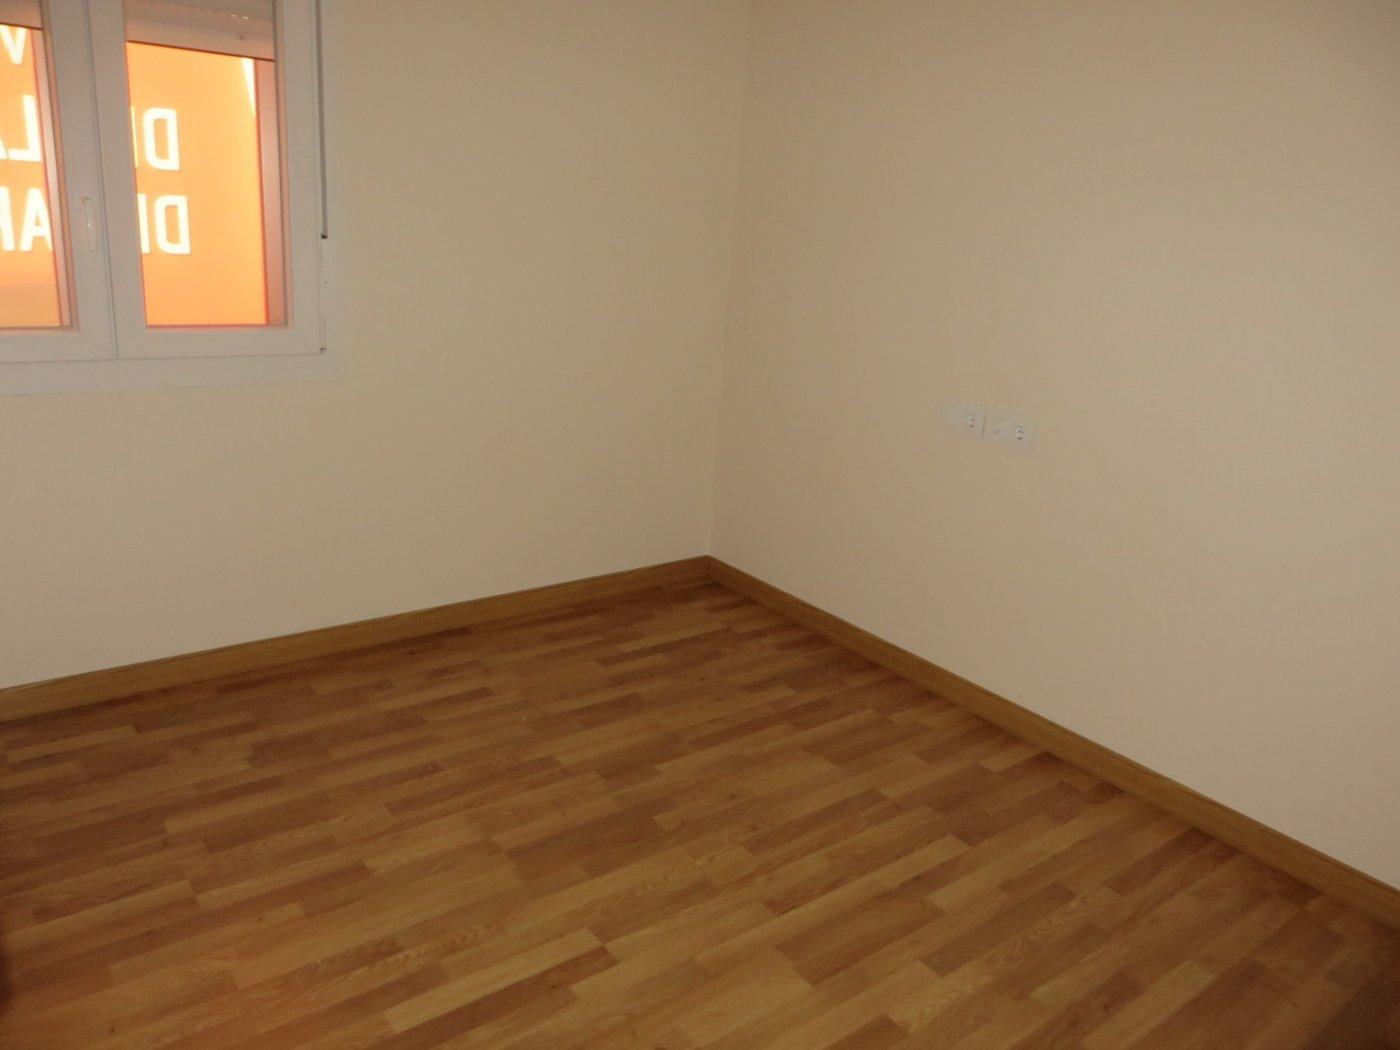 Vivienda en alquiler, como nueva a estrenar, de tres dormitorios en avda. ollerías. - imagenInmueble14